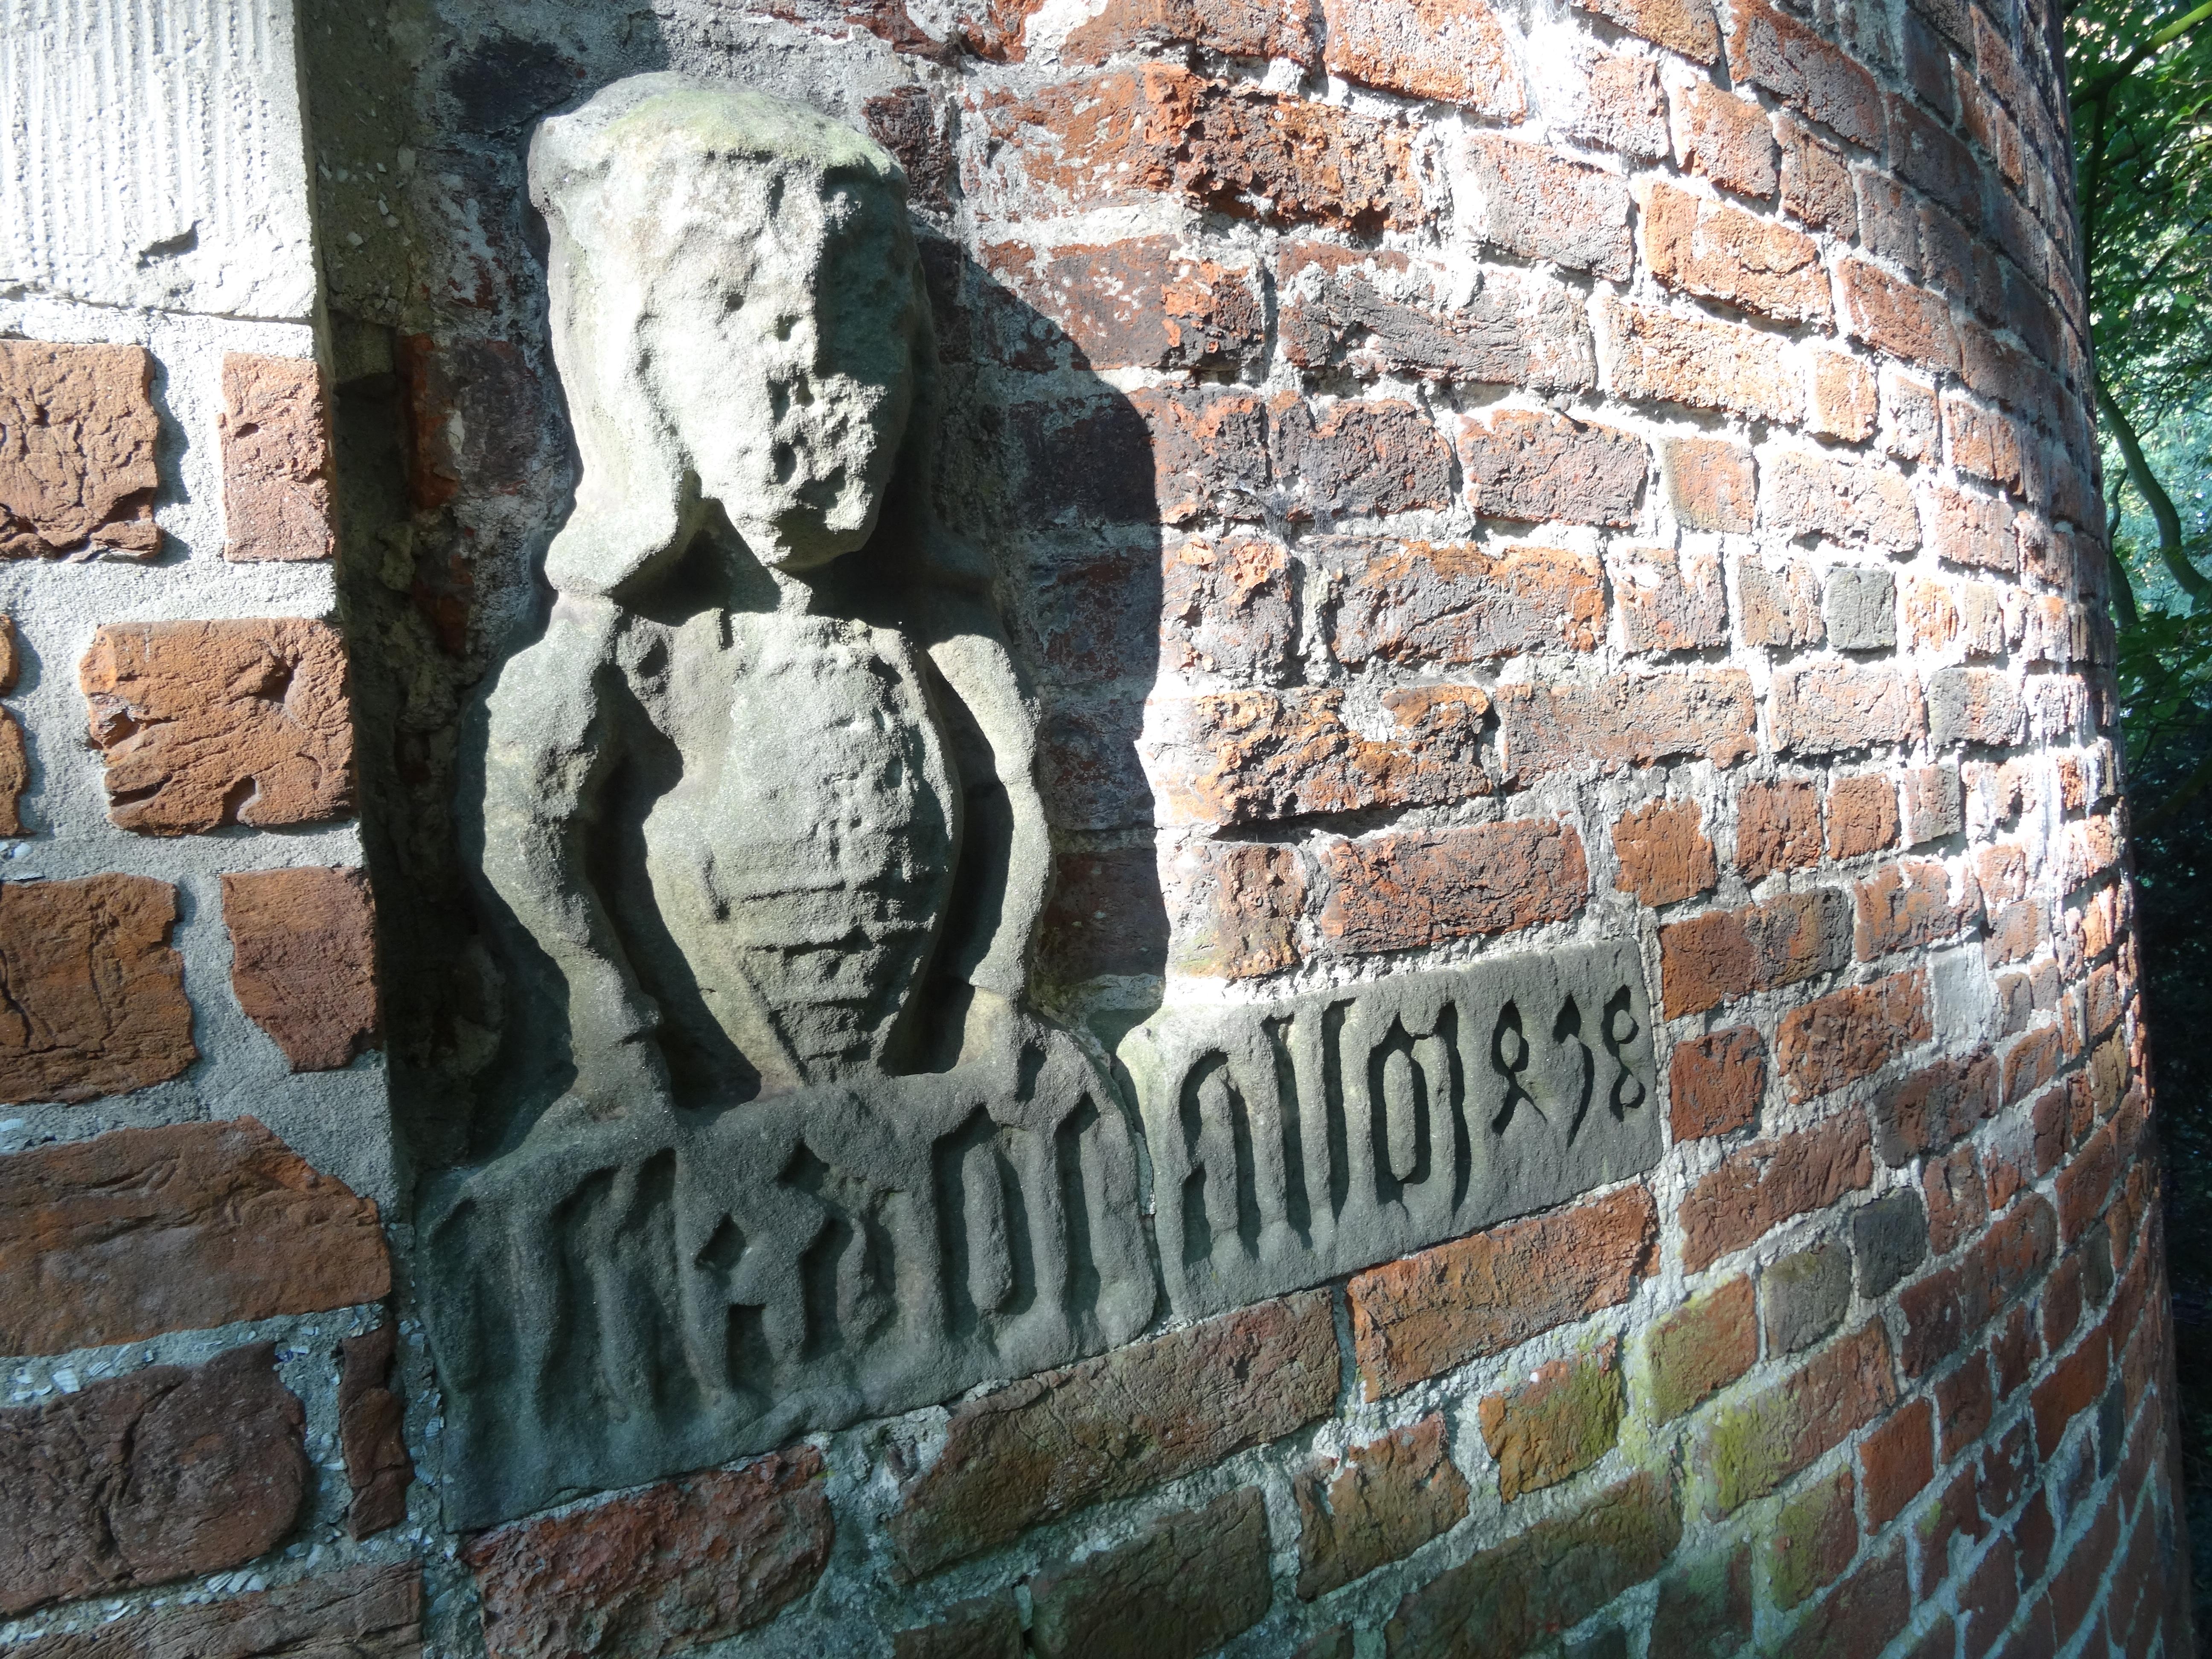 Verwittertes Fresko neben dem Eingang zum Wehrturm der Burg Stickhausen. Foto Detlef M. Plaisier